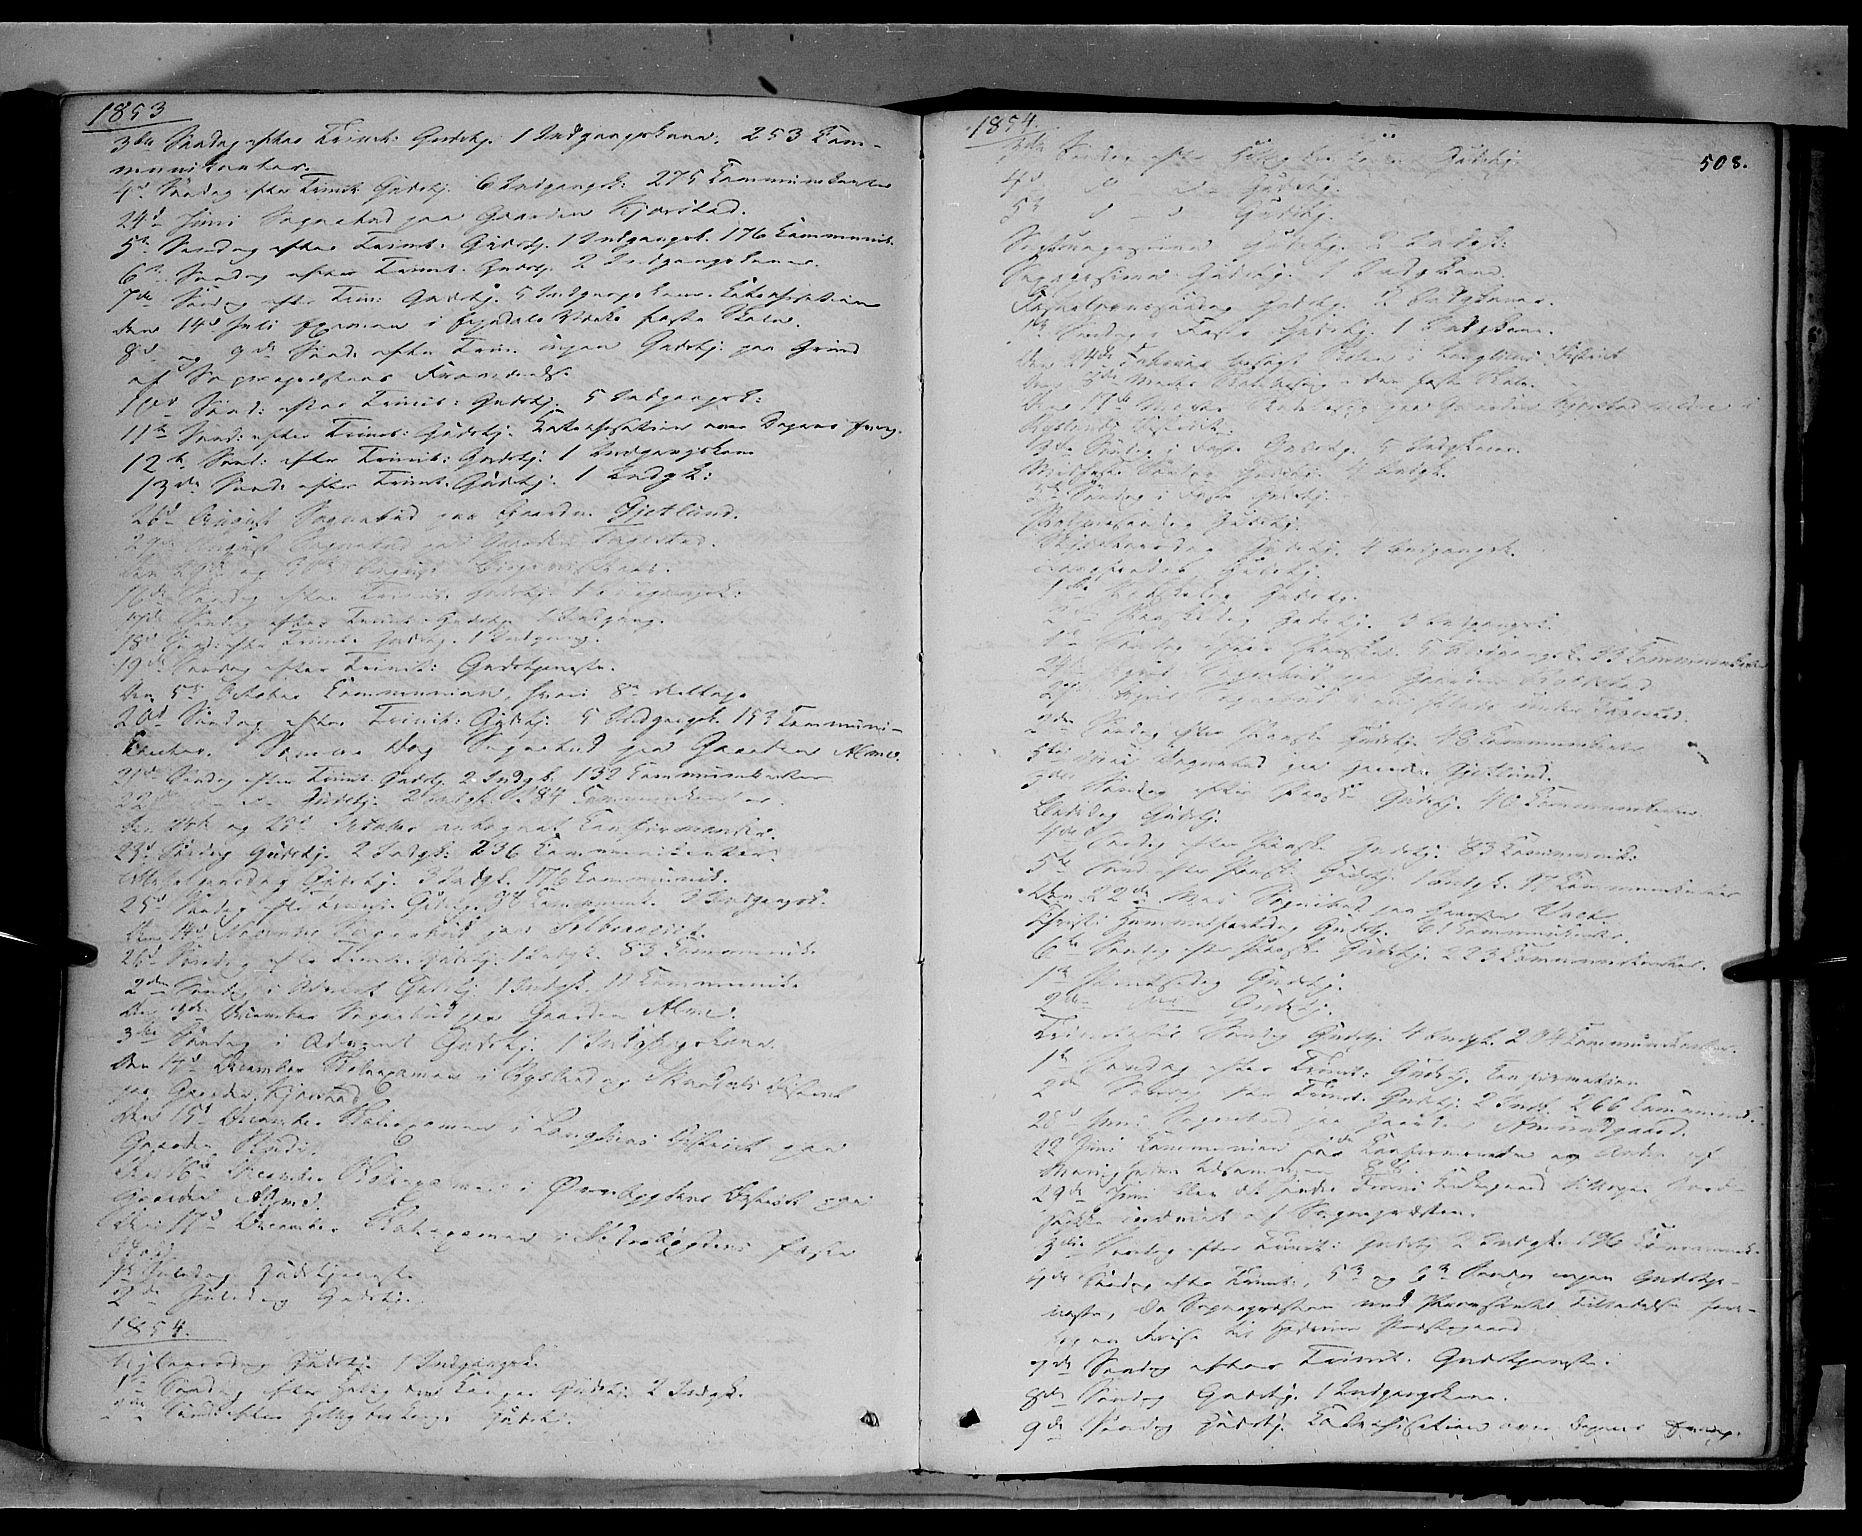 SAH, Sør-Fron prestekontor, H/Ha/Haa/L0001: Ministerialbok nr. 1, 1849-1863, s. 508